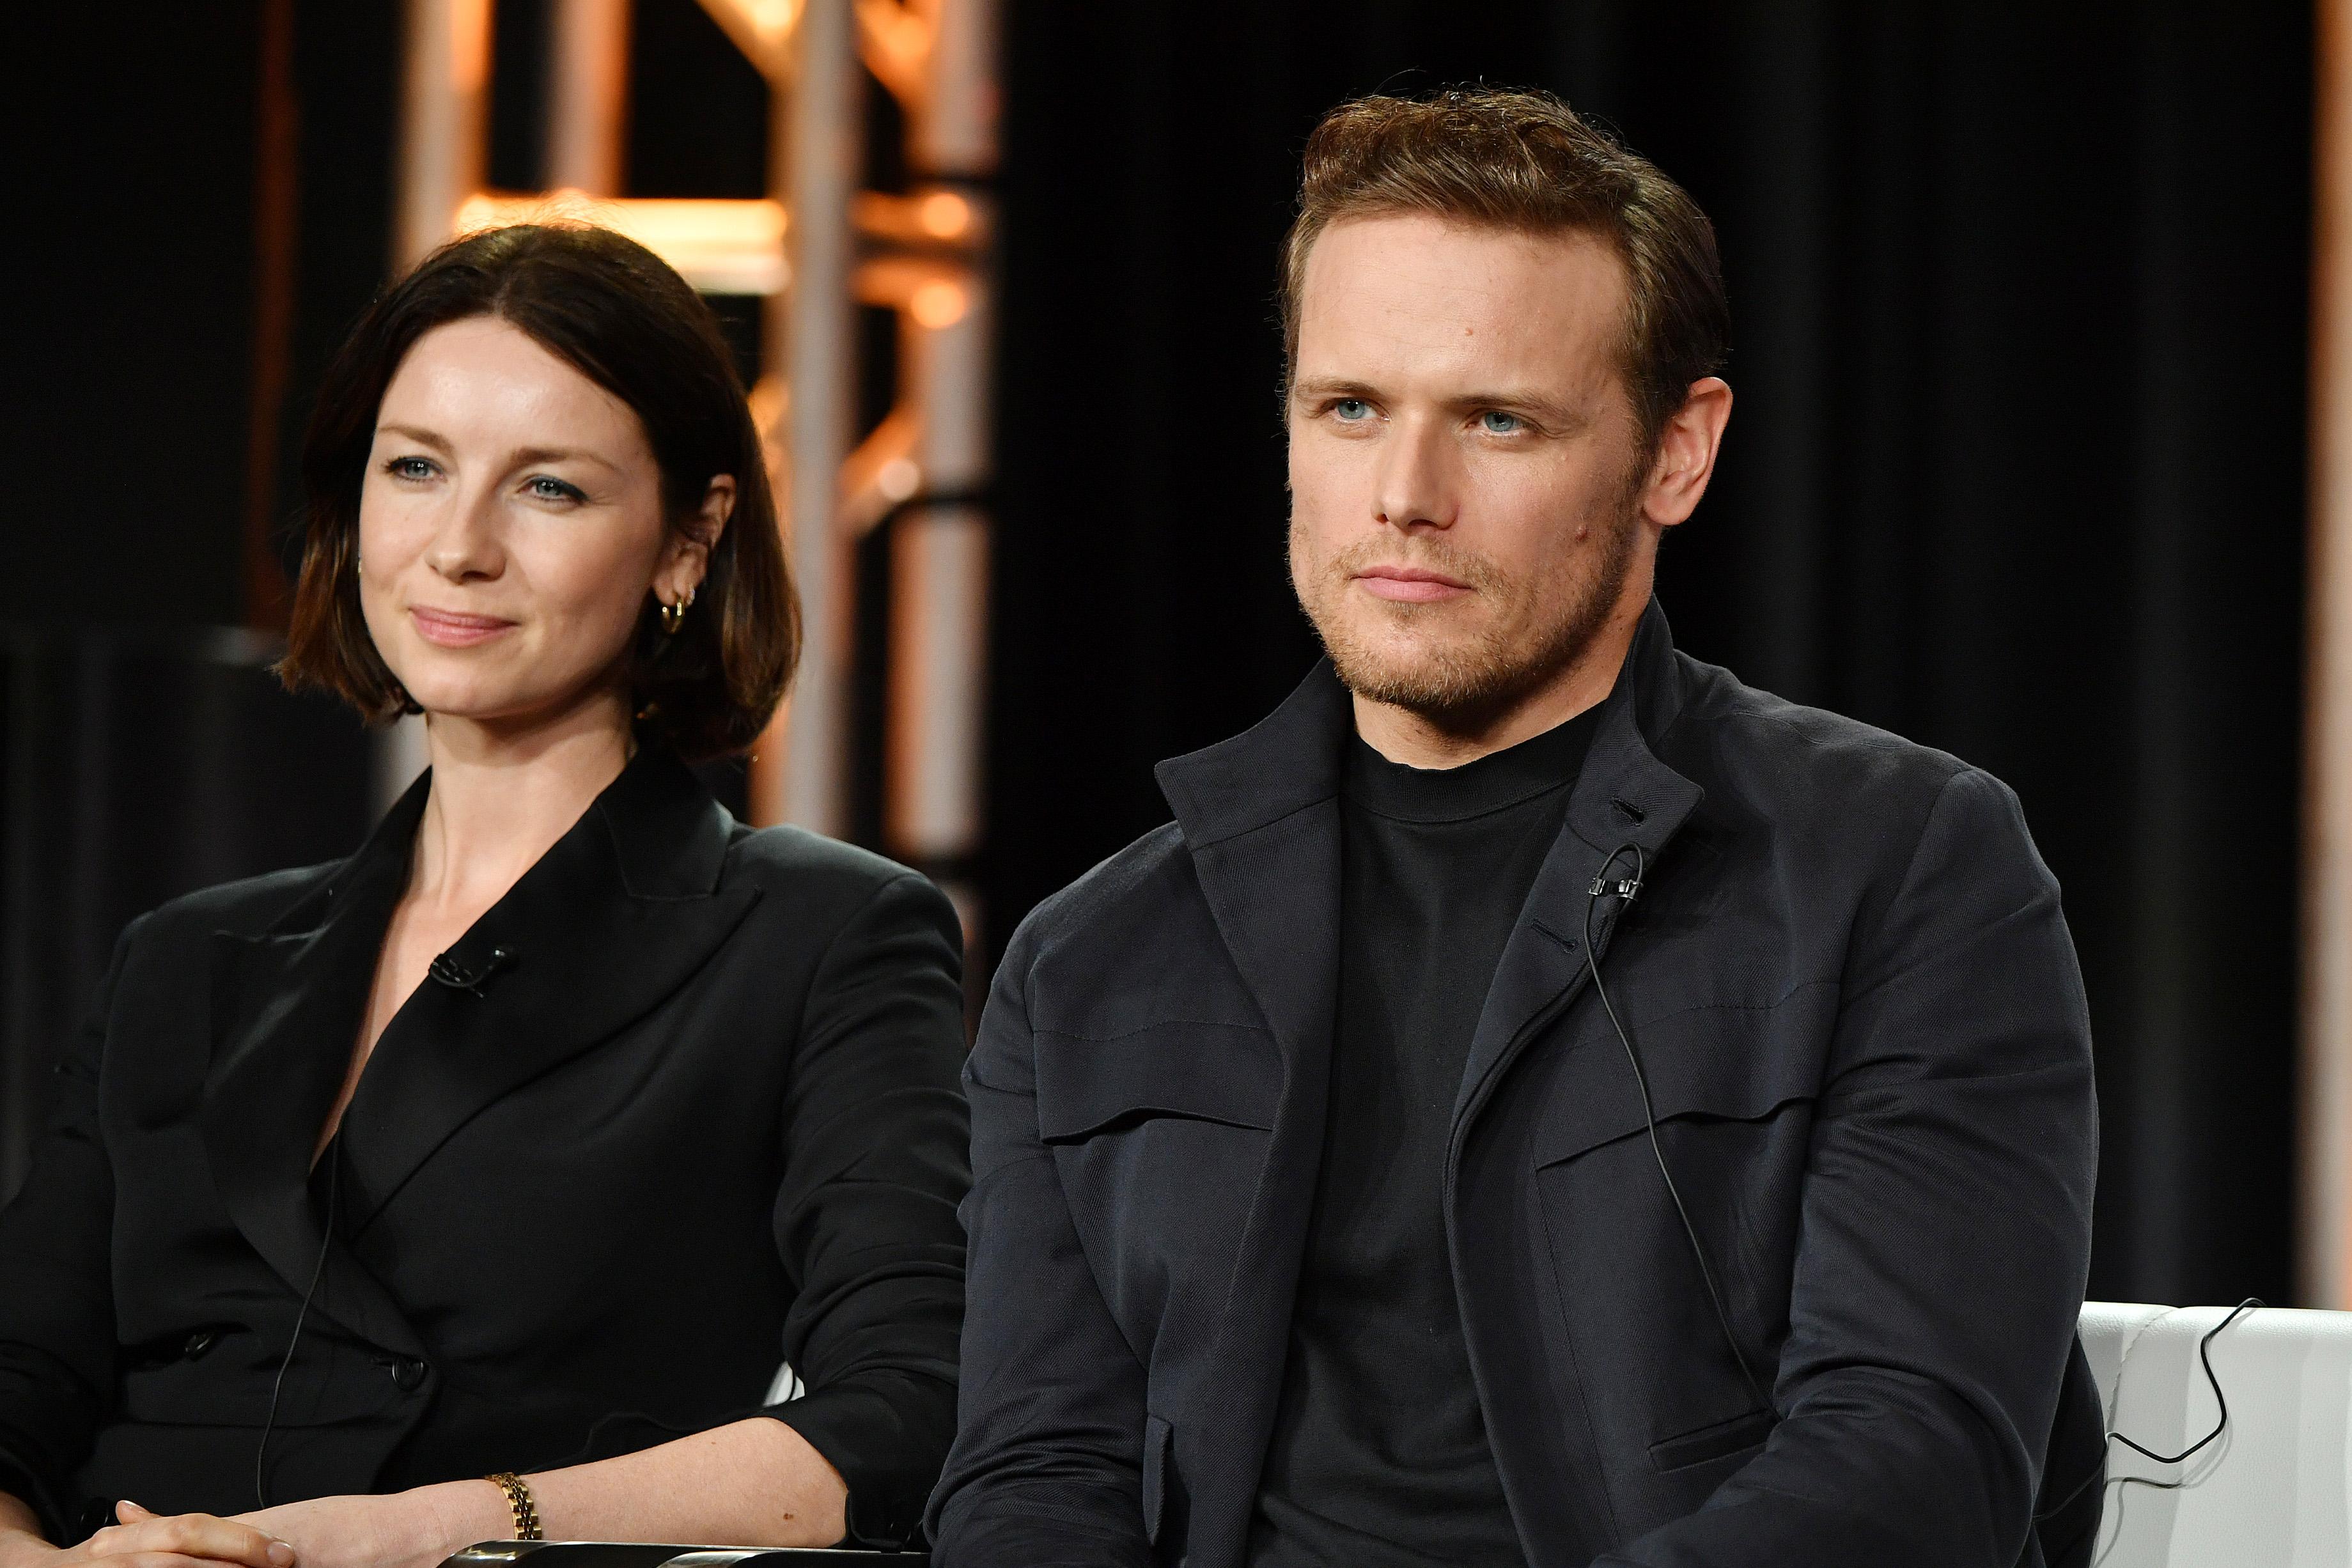 Sam Heughan et Catriona Balfe ont tous deux acquis une renommée internationale avec Outlander.  Photo: (Getty)